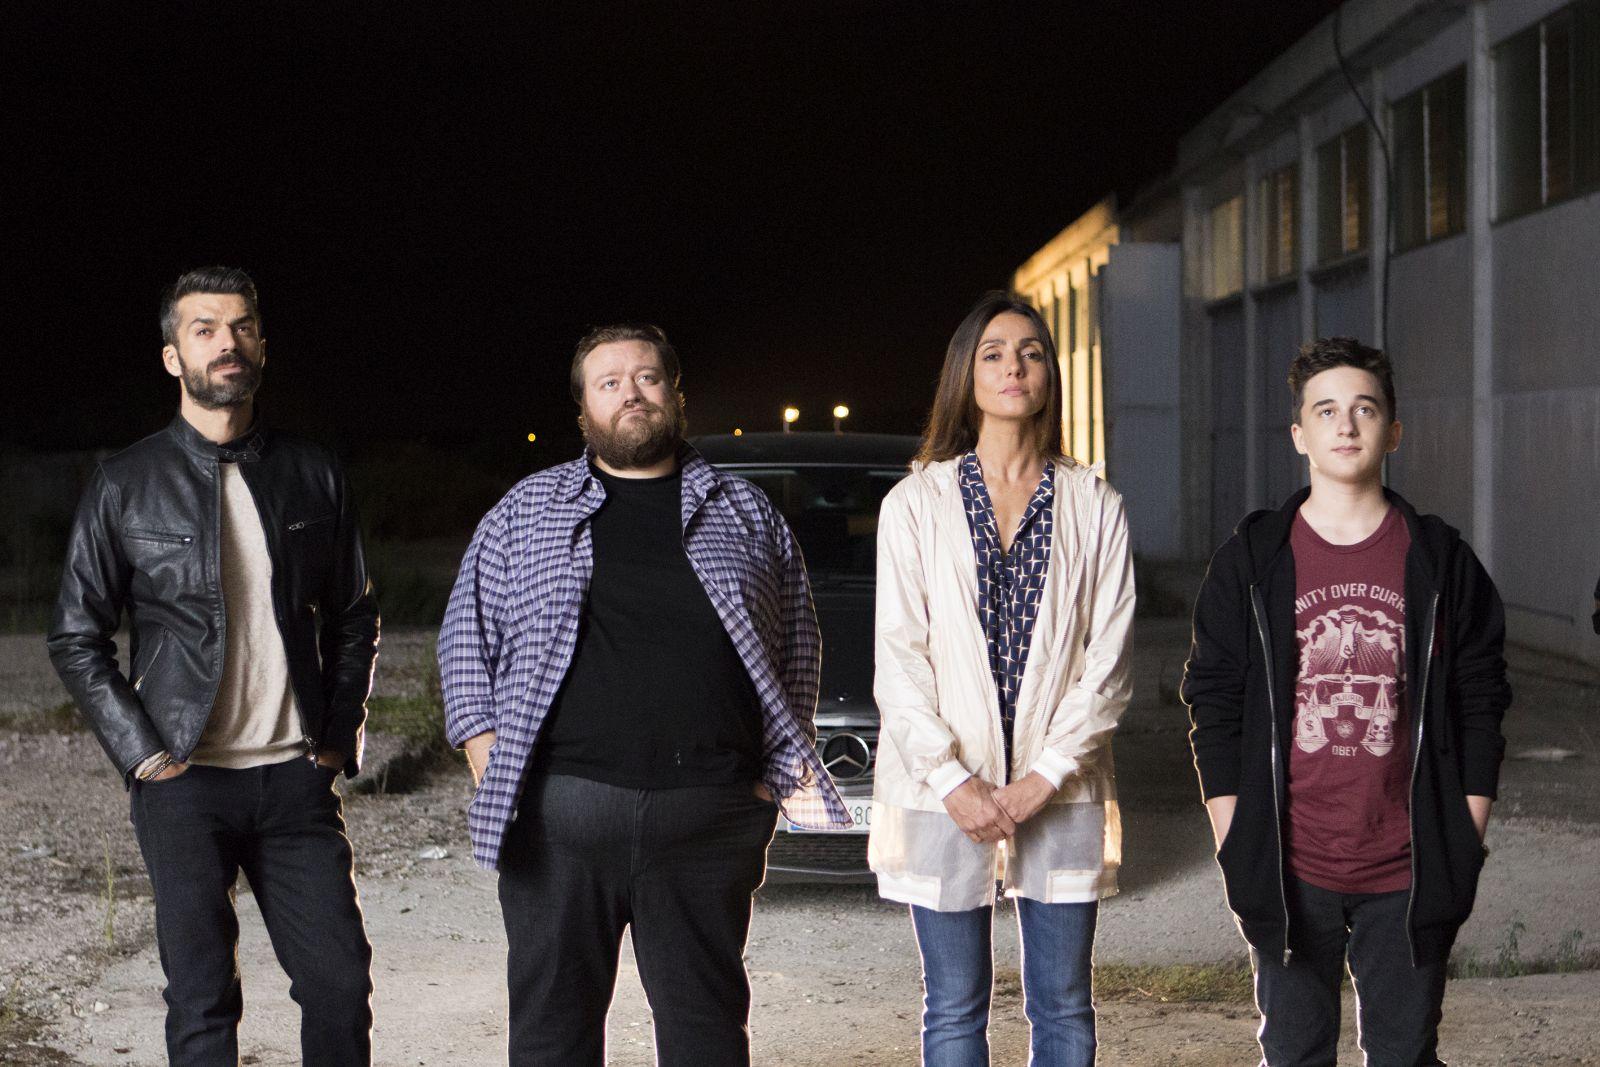 Al posto tuo: Luca Argentero, Ambra Angiolini e Stefano Fresi in una scena del film